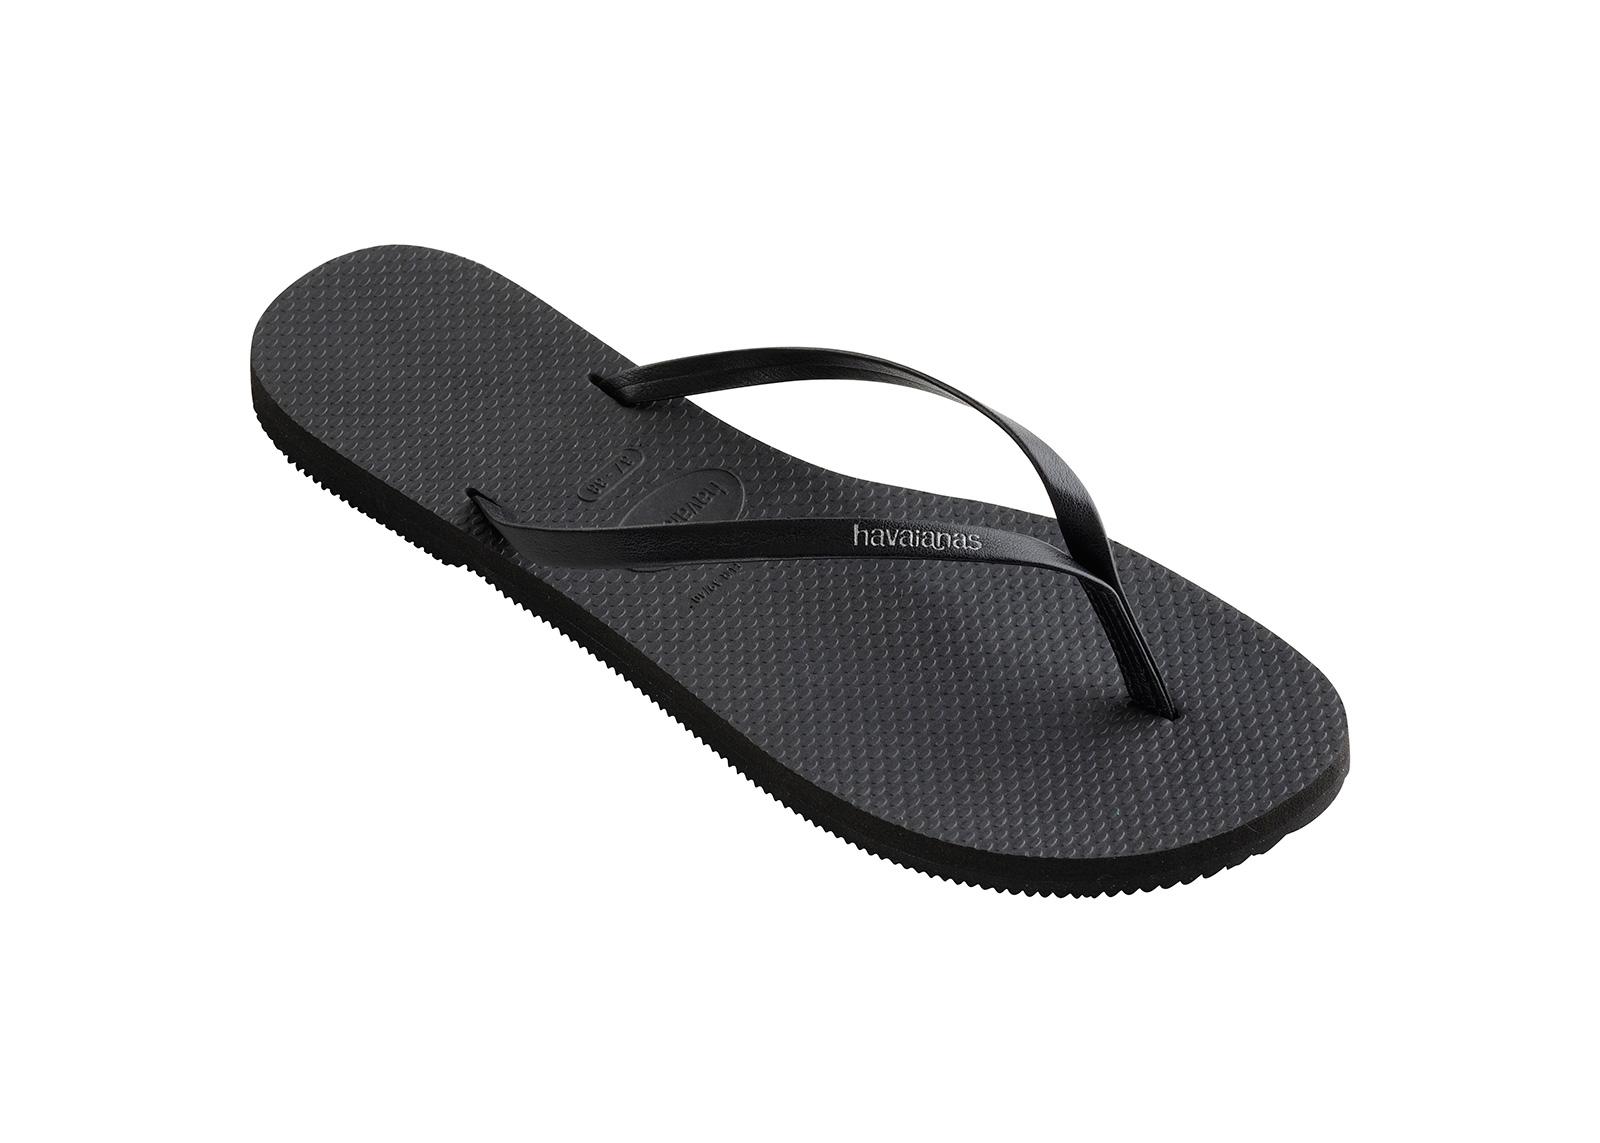 Havaianas Black Flip Flops - Havaianas You Black